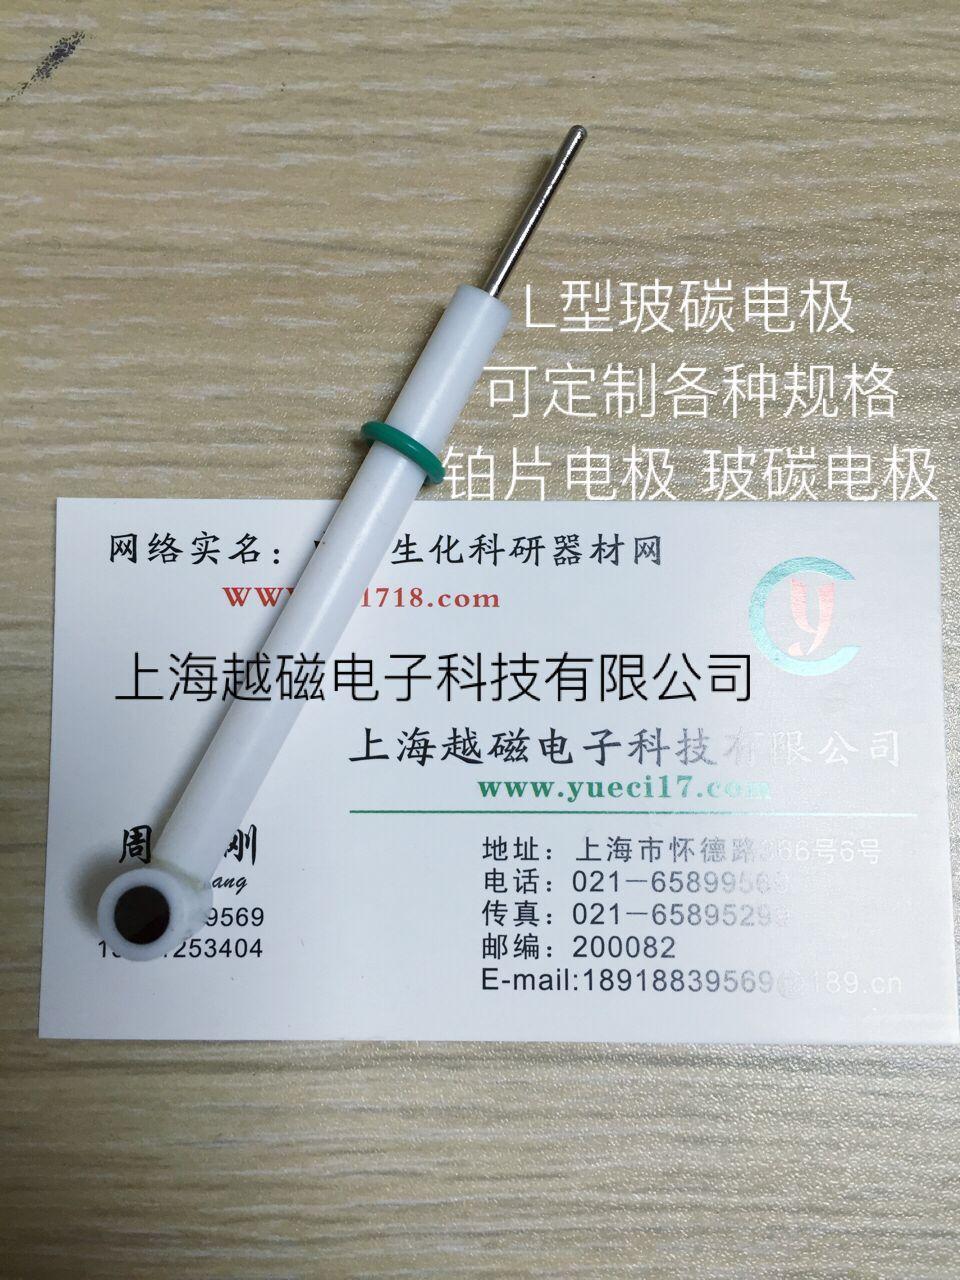 [해외]?L 유리 탄소 전극, 독일 수입 유리 탄소, 5mm./ L glass carbon electrode, Germany imported glassy carbon, 5mm.